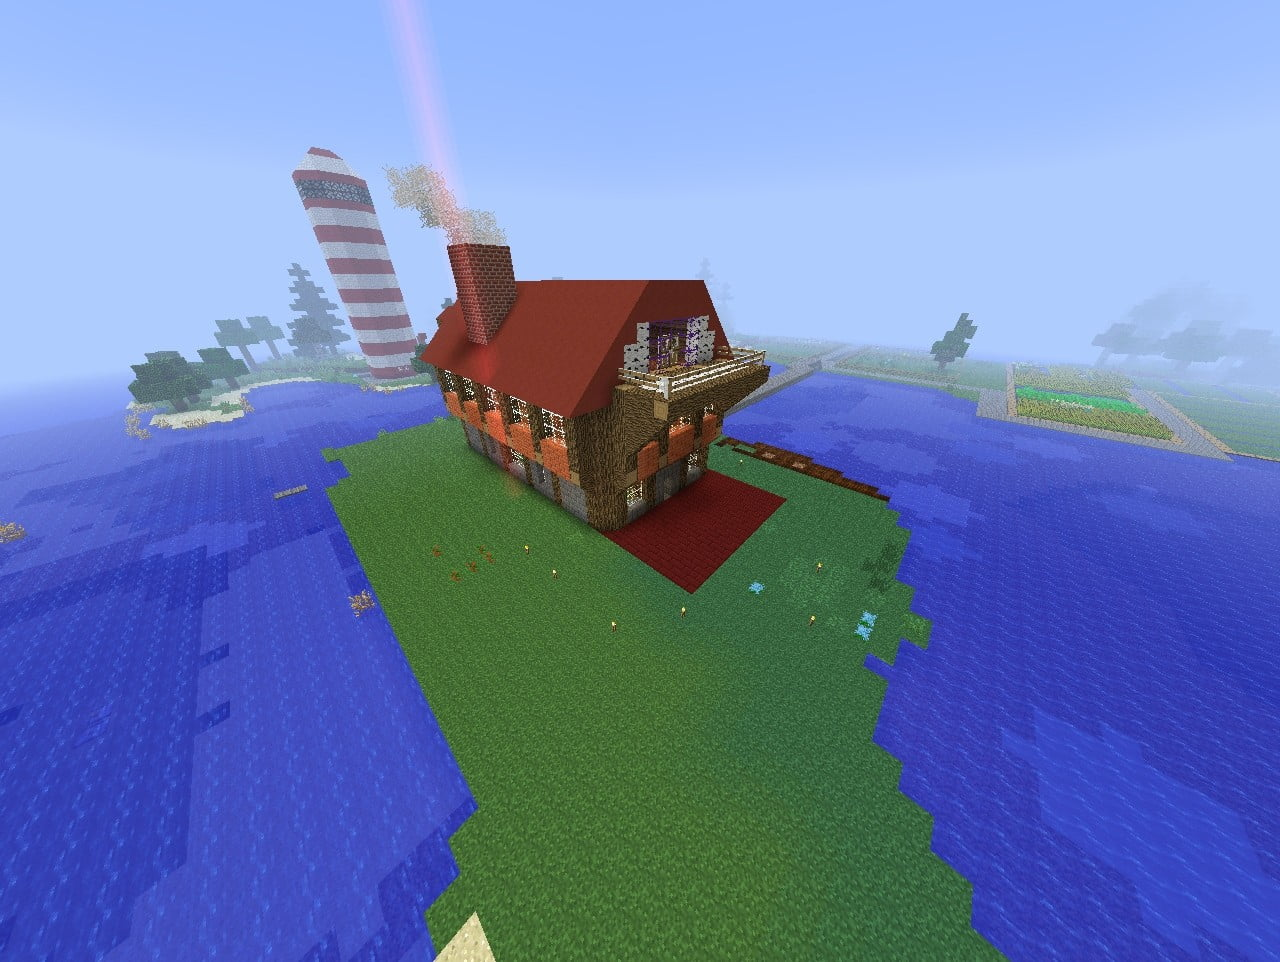 ᐅ Haus Mit Schrägen In Minecraft Bauen Minecraftbauideende - Minecraft hauser installieren